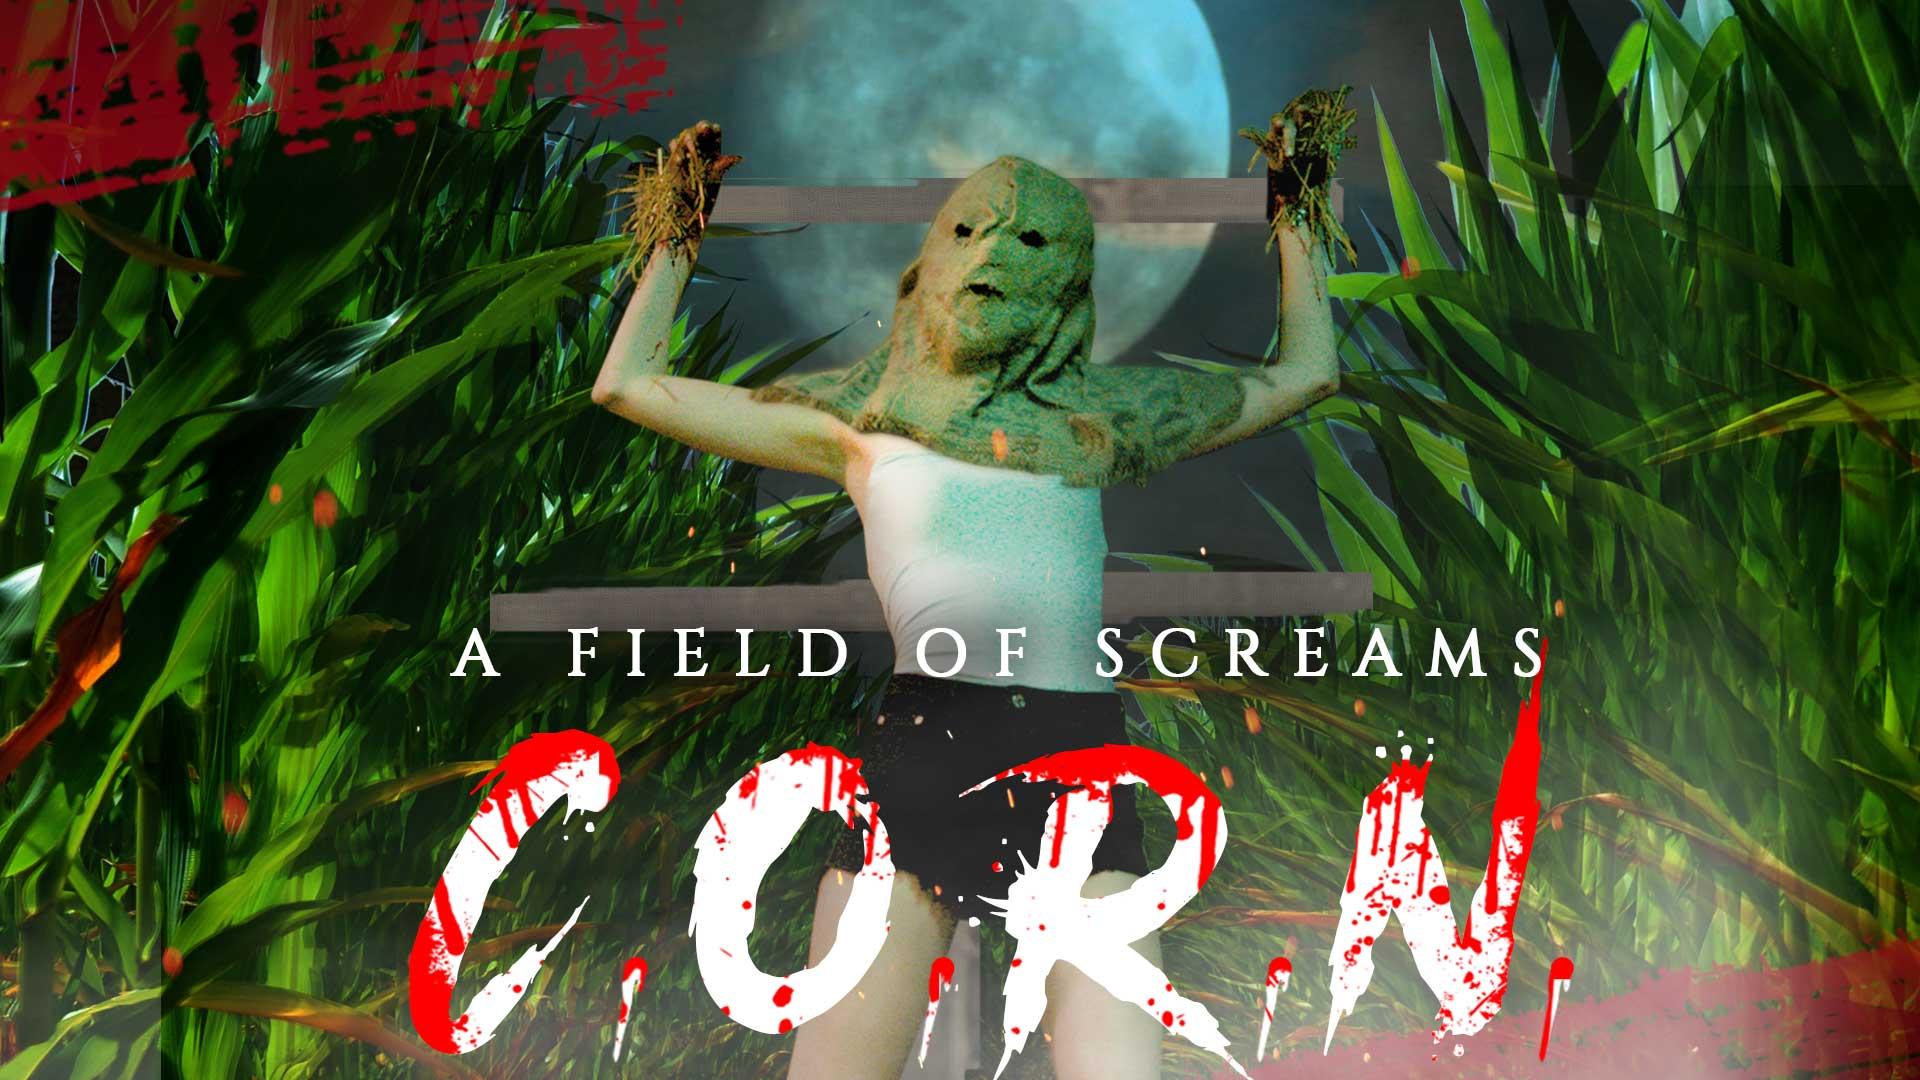 C.O.R.N: A Field of Screams